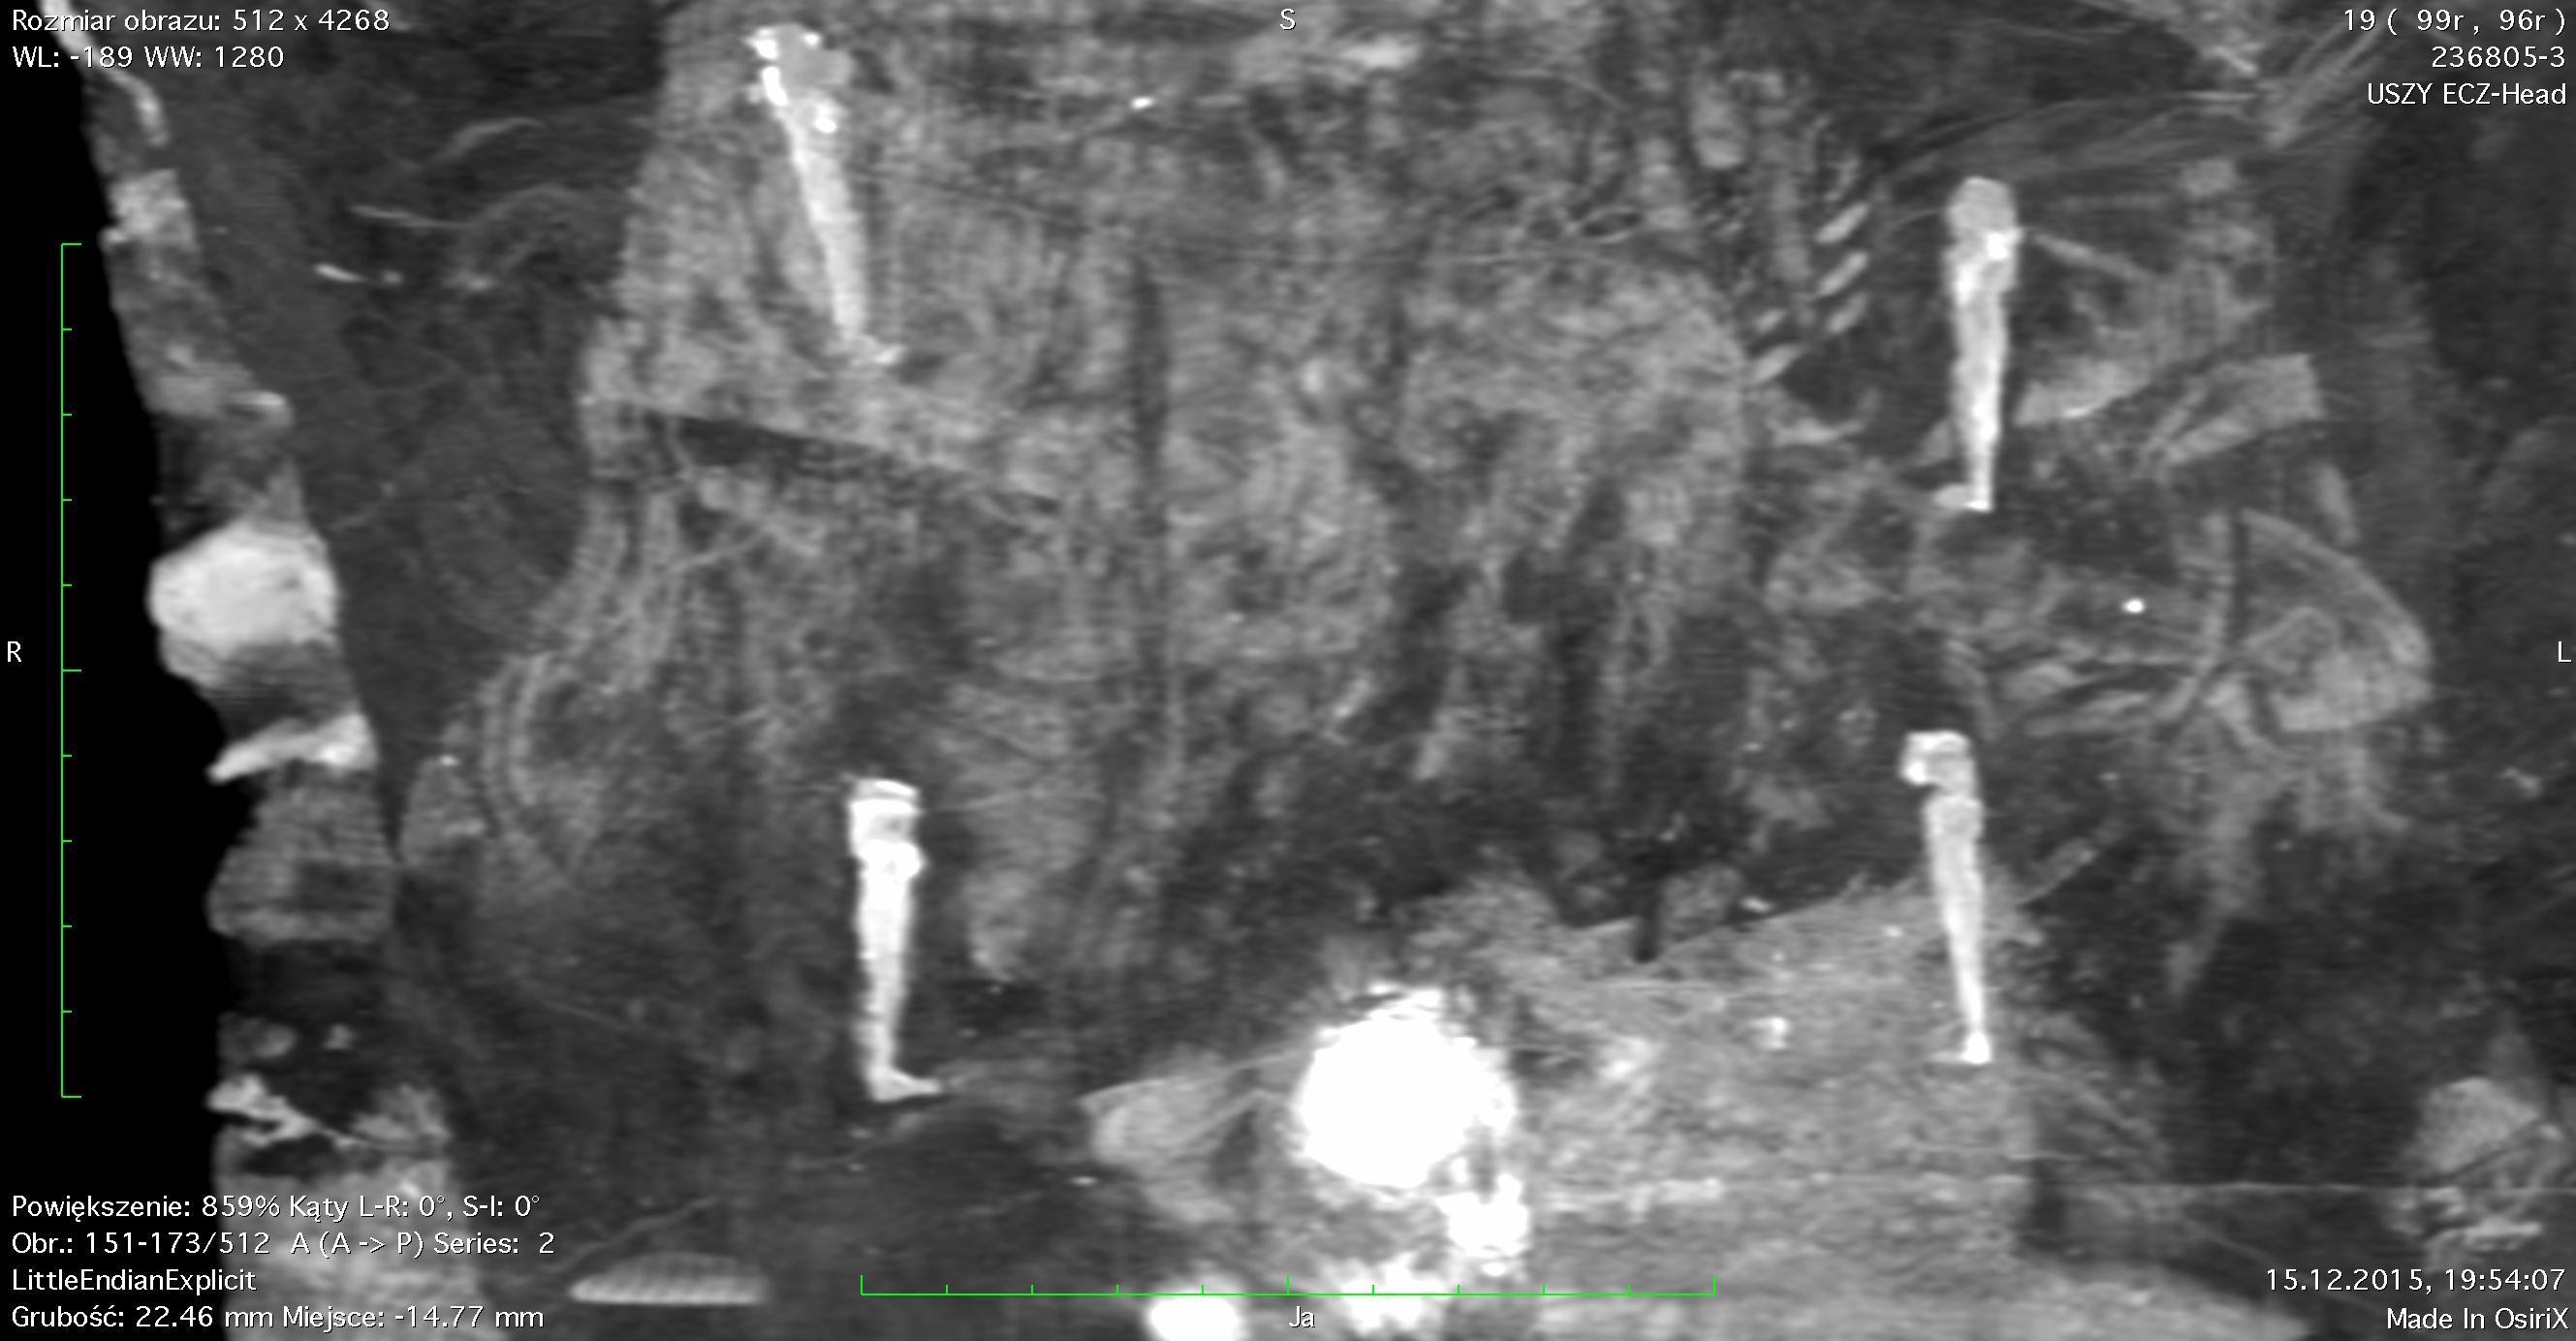 #новости   В Польше обнаружили первую в мире египетскую мумию беременной женщины: фото - новости Украины, Мир